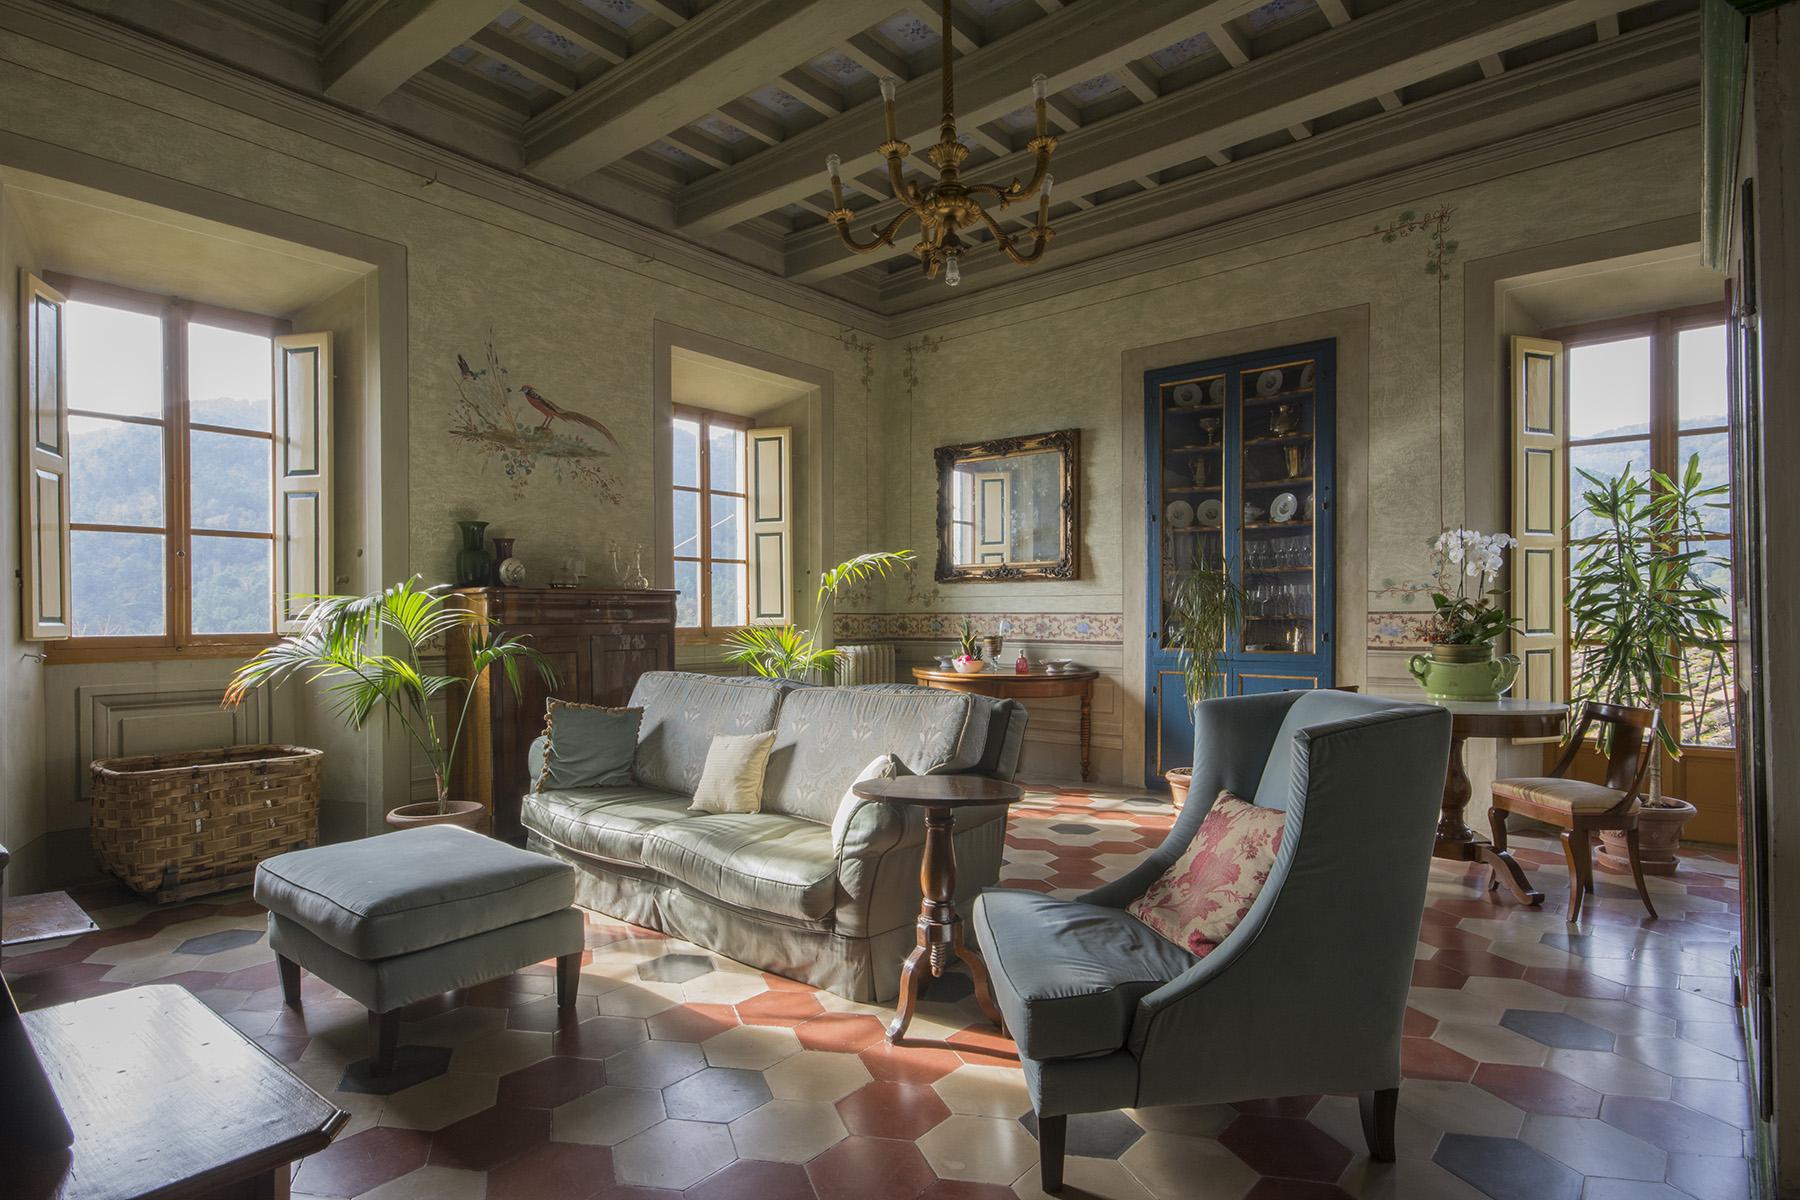 Casa indipendente in Vendita a Pistoia: 5 locali, 500 mq - Foto 4